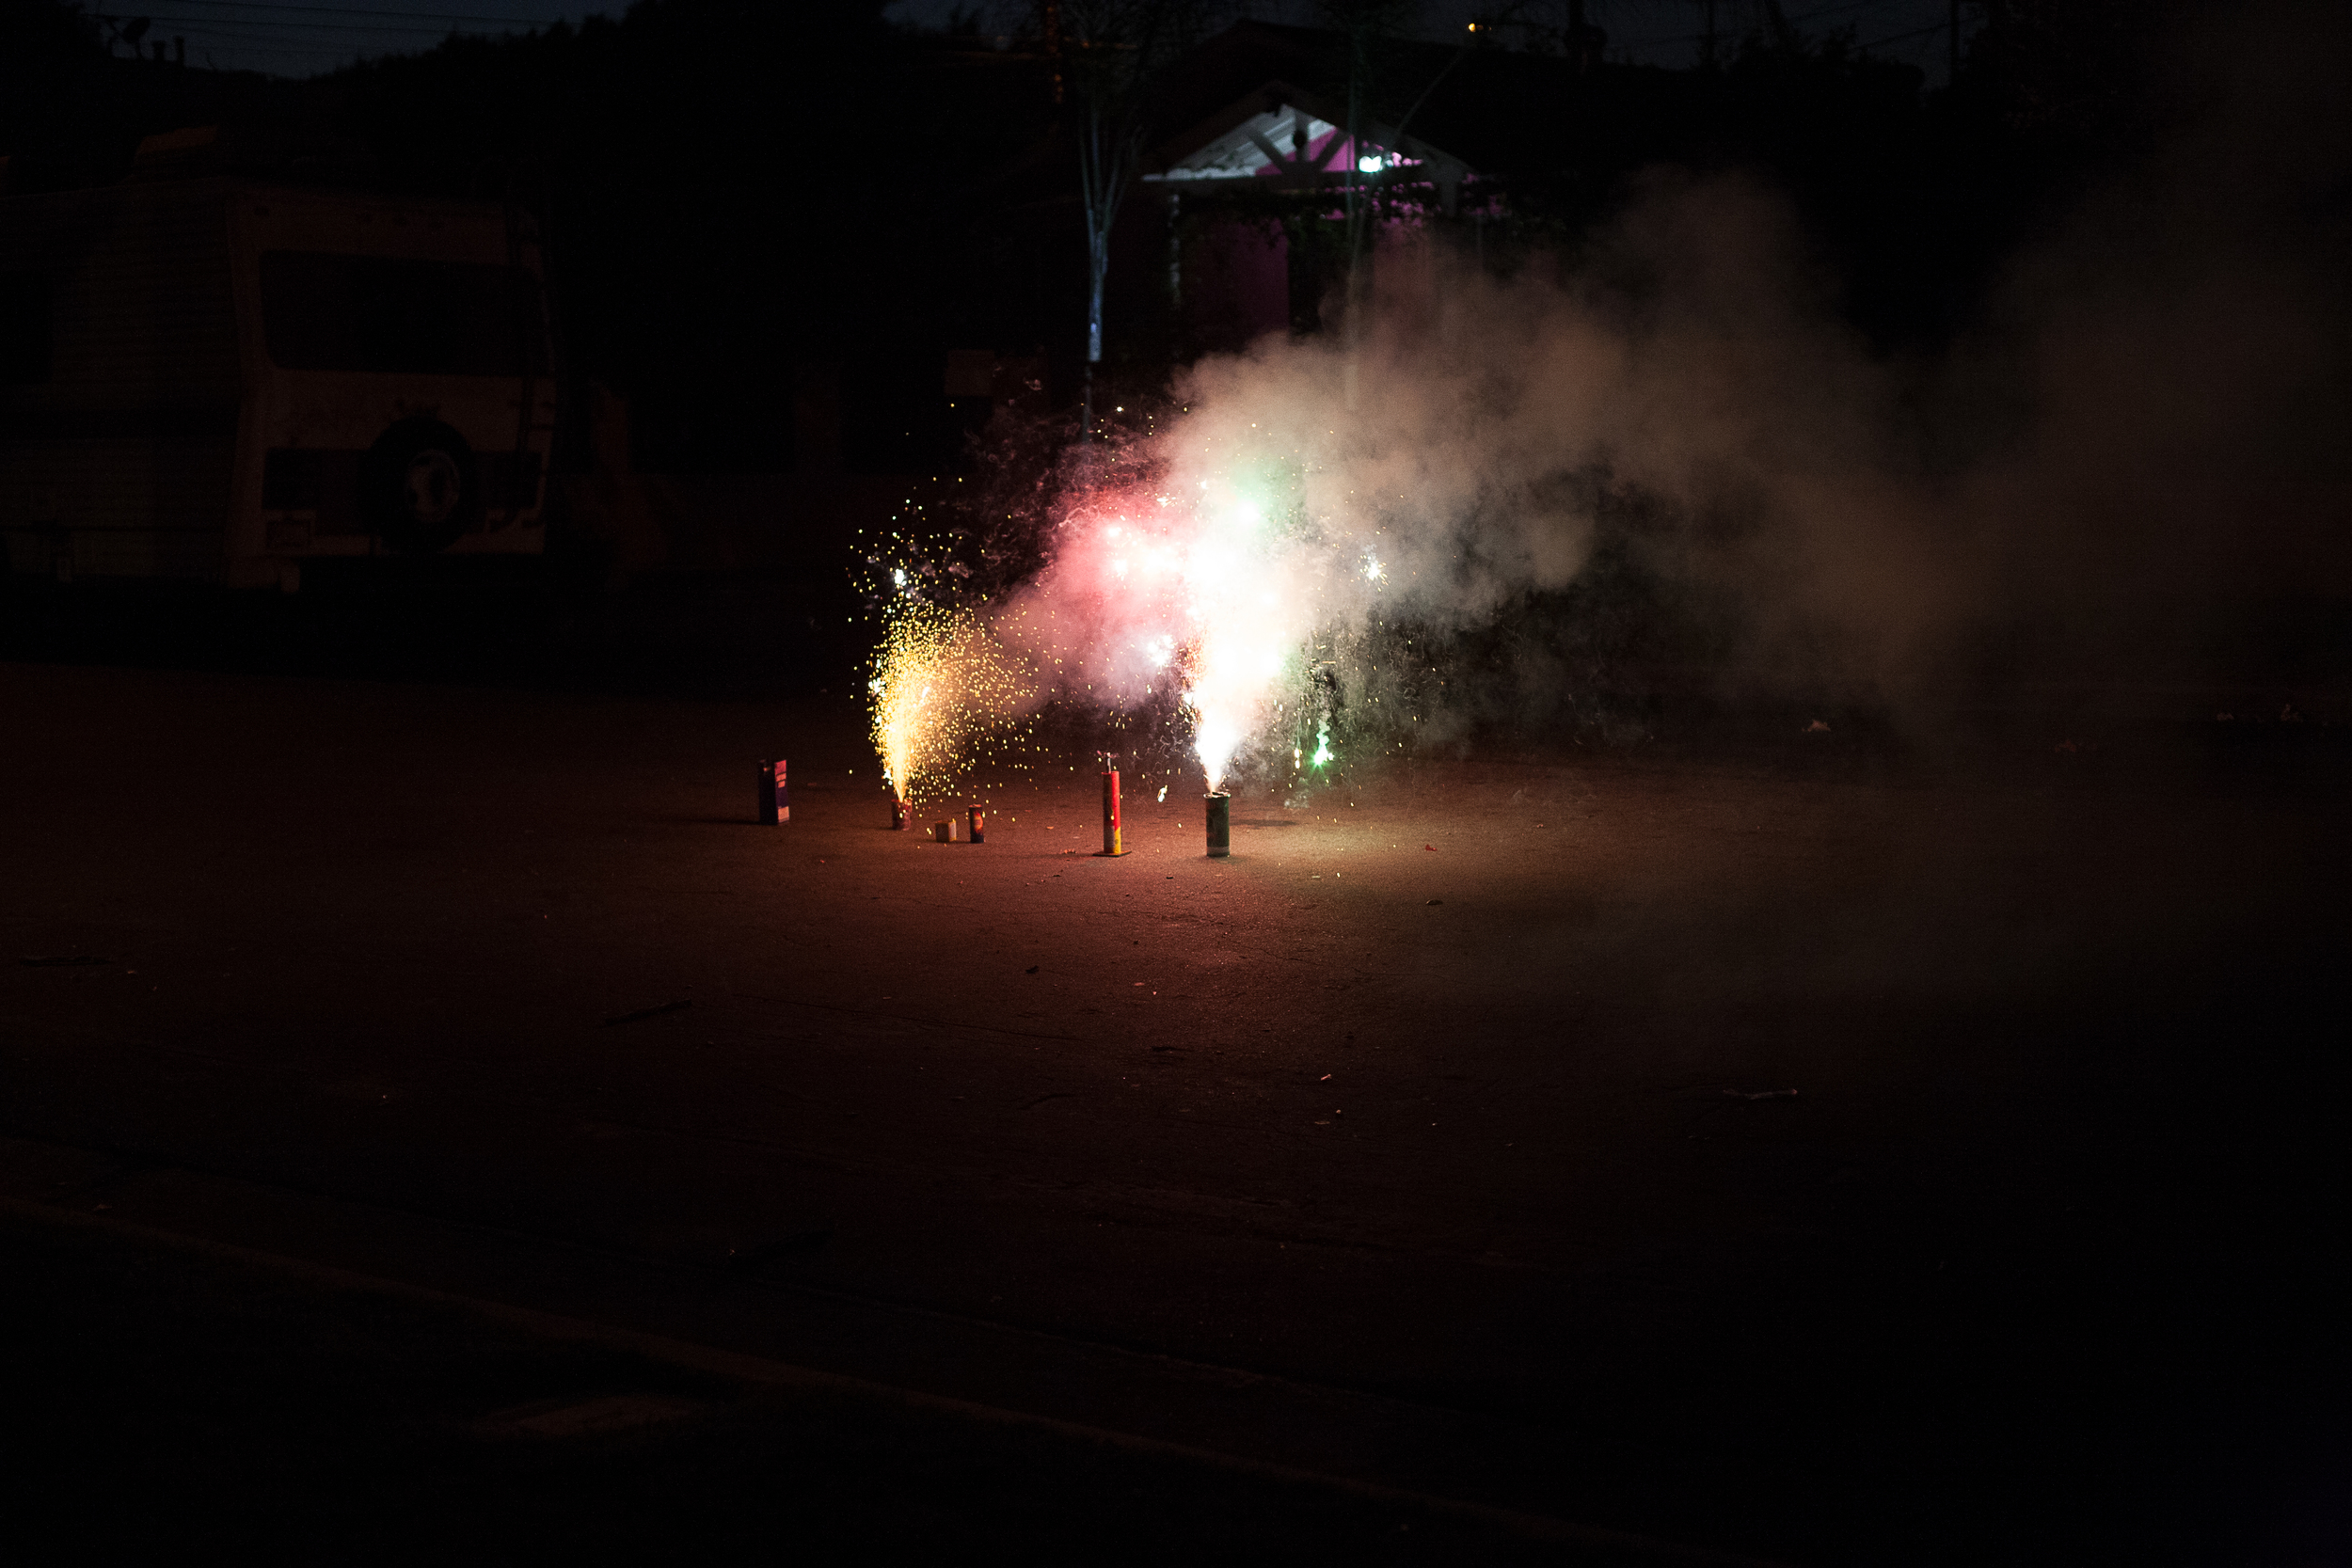 Fireworks on East 88th Street, Los Angeles  2014